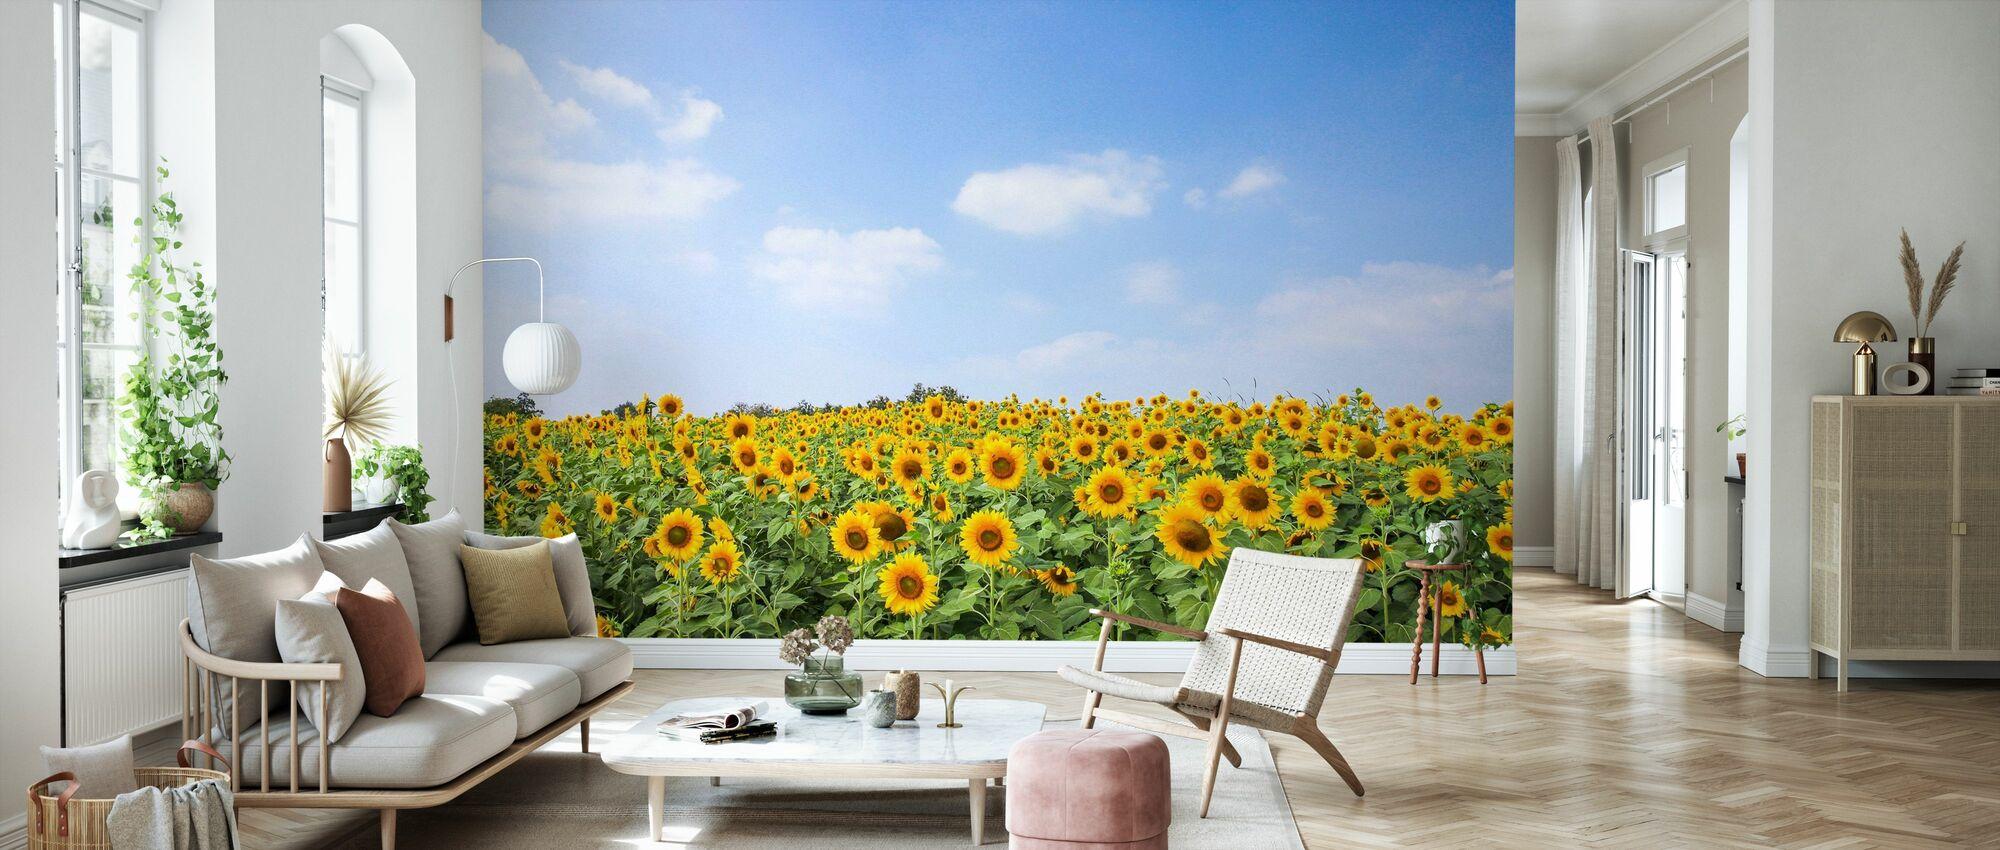 Soft Sunflowers - Wallpaper - Living Room